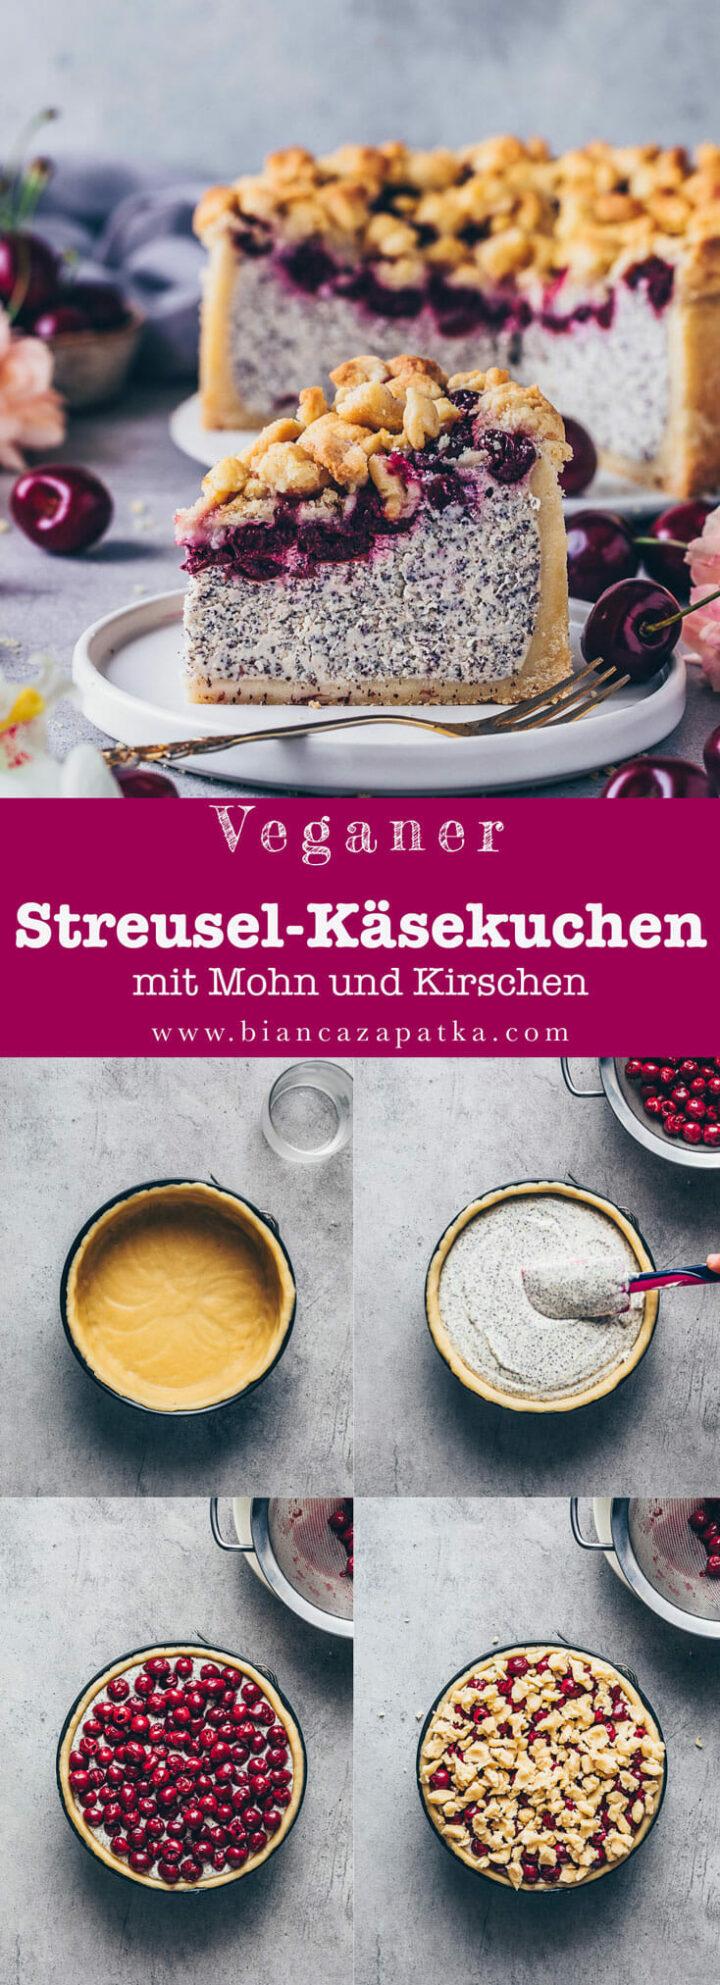 Streuselkuchen Käsekuchen mit Mohn und Kirschen